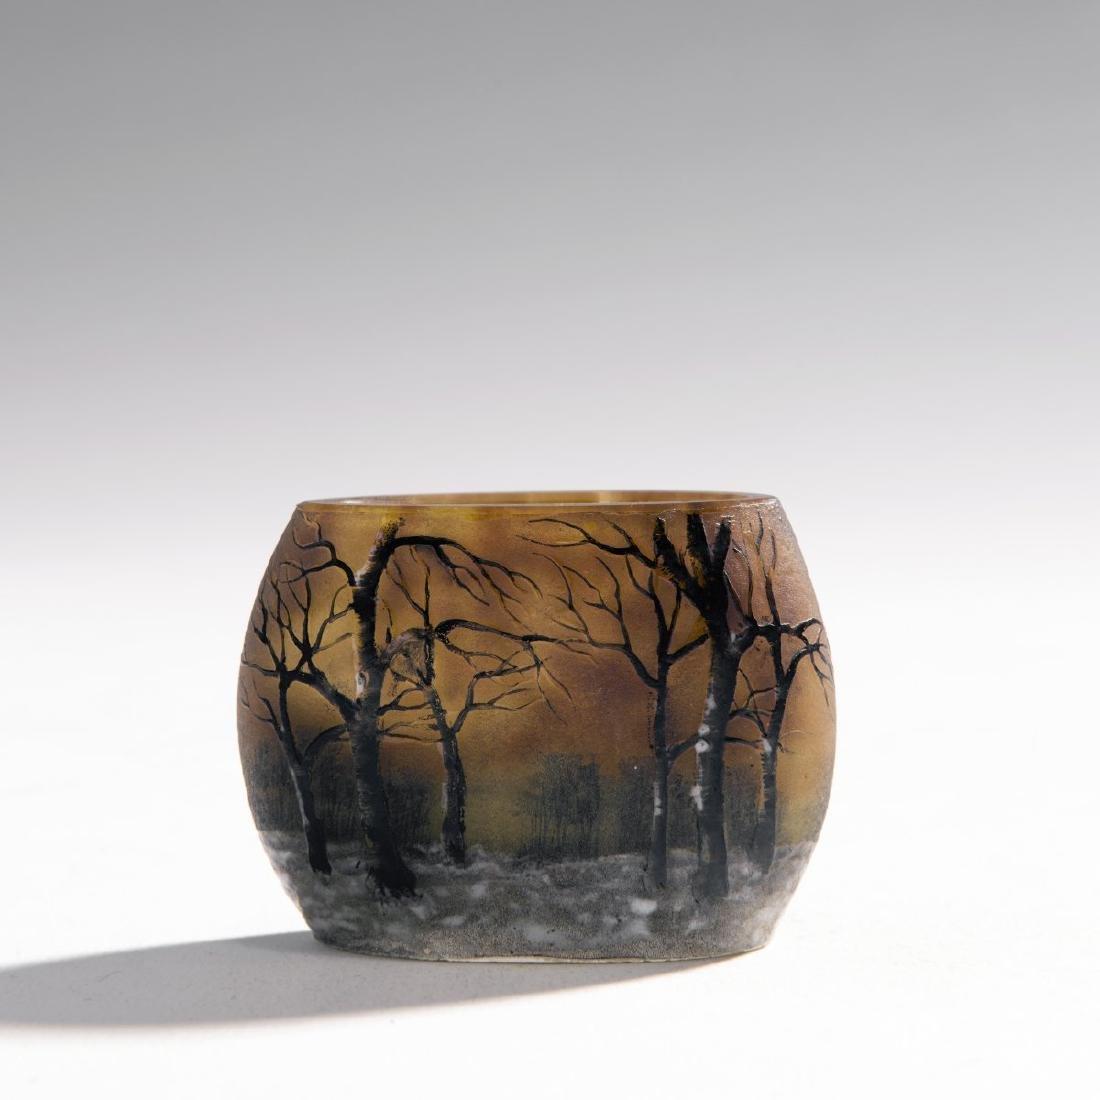 Daum Freres, Miniature 'Crepuscule neige' vase, 1900-05